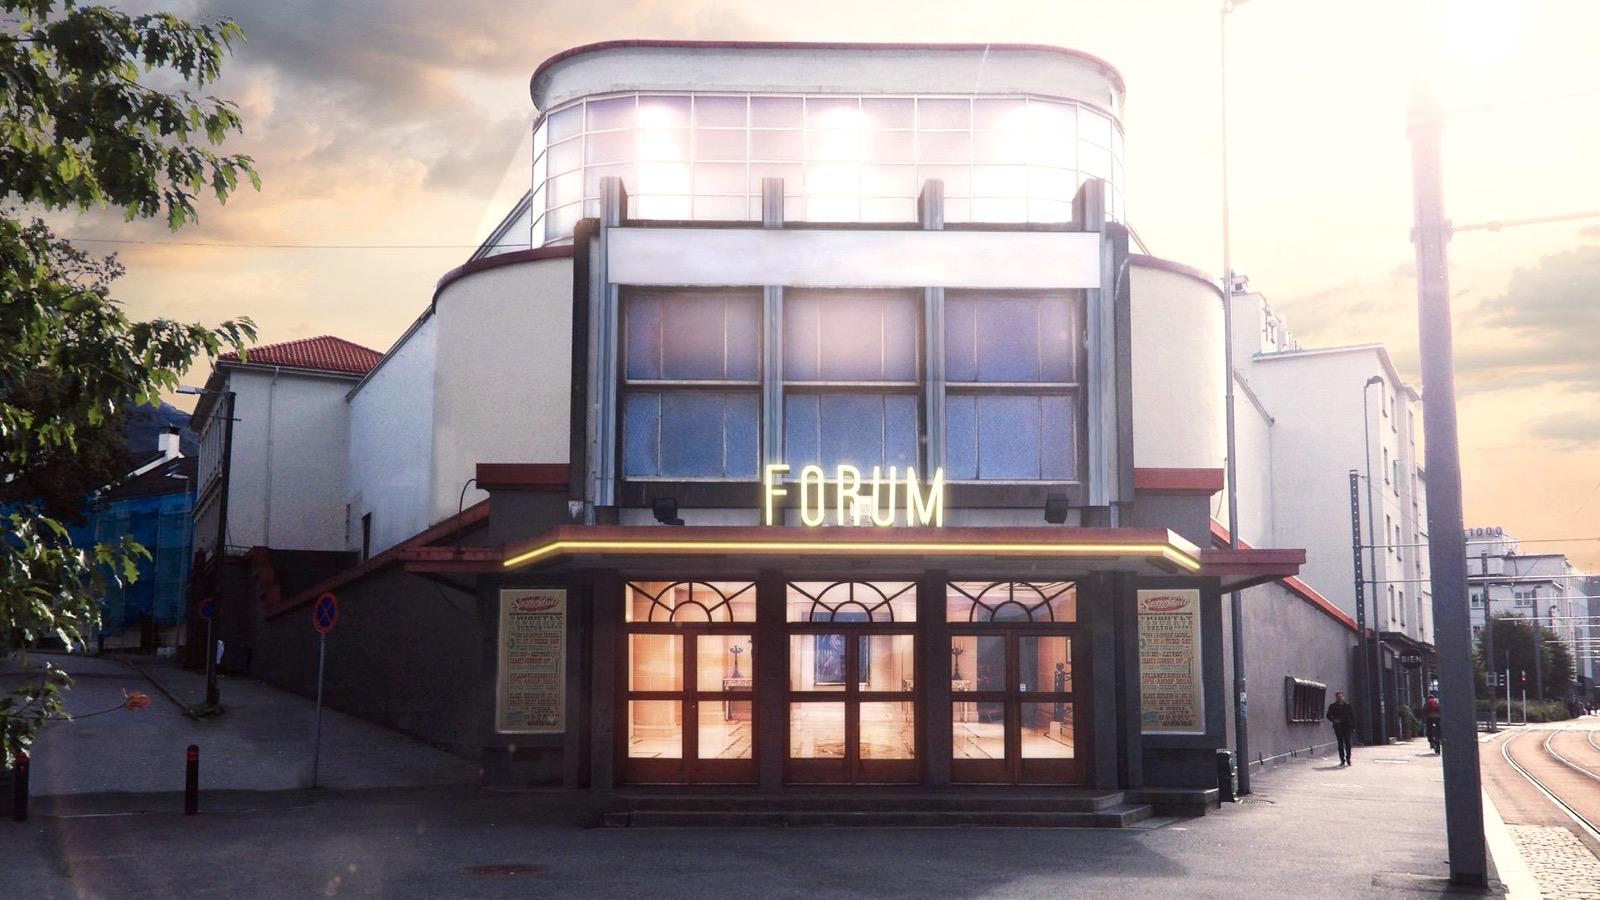 K&F SONA 8 till Forum i Bergen